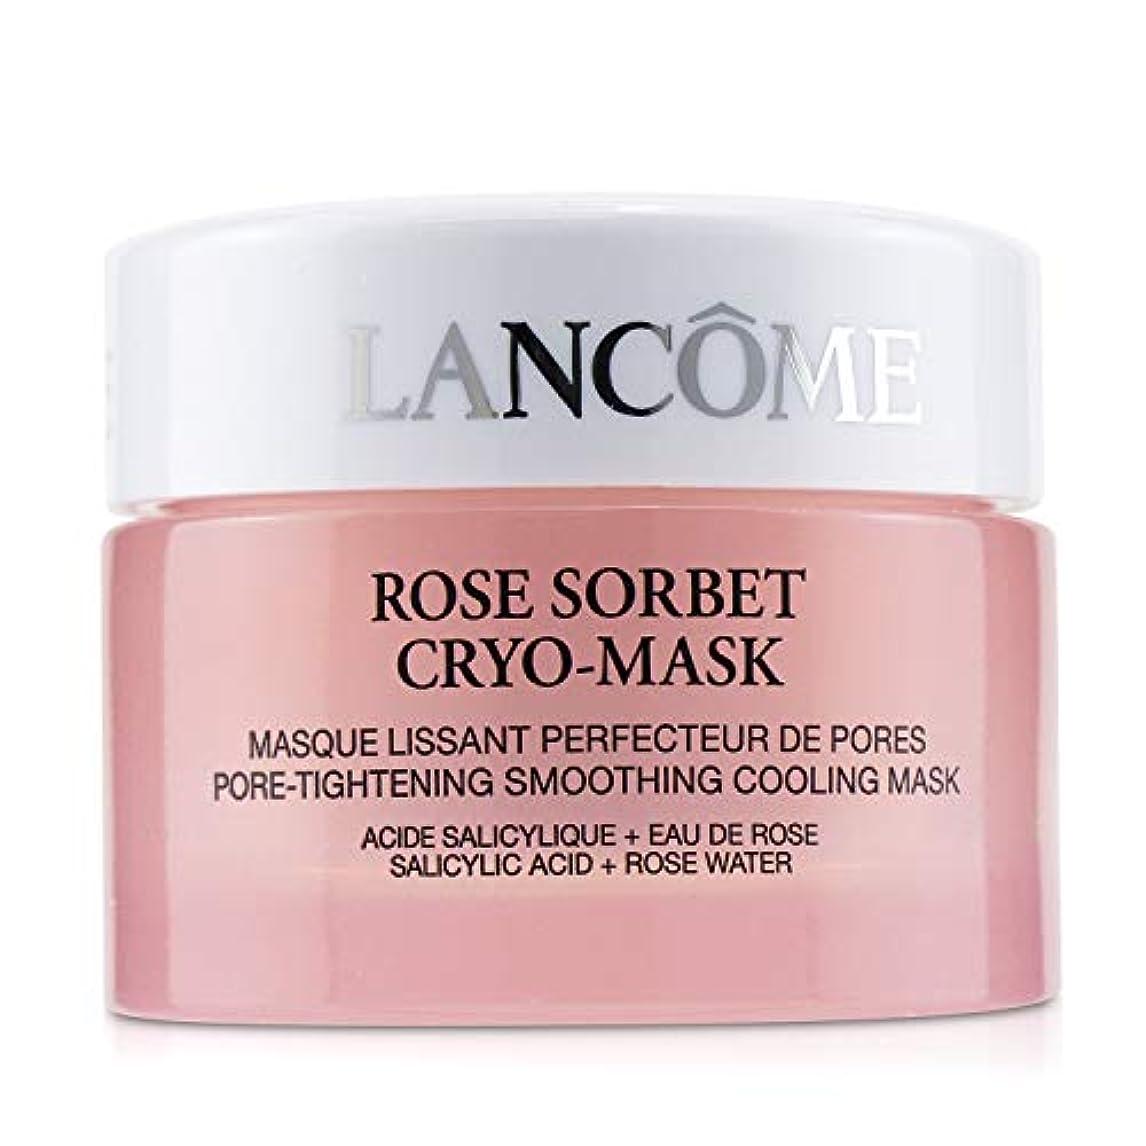 焦げ官僚豚ランコム Rose Sorbet Cryo-Mask - Pore Tightening Smoothing Cooling Mask 50ml/1.7oz並行輸入品